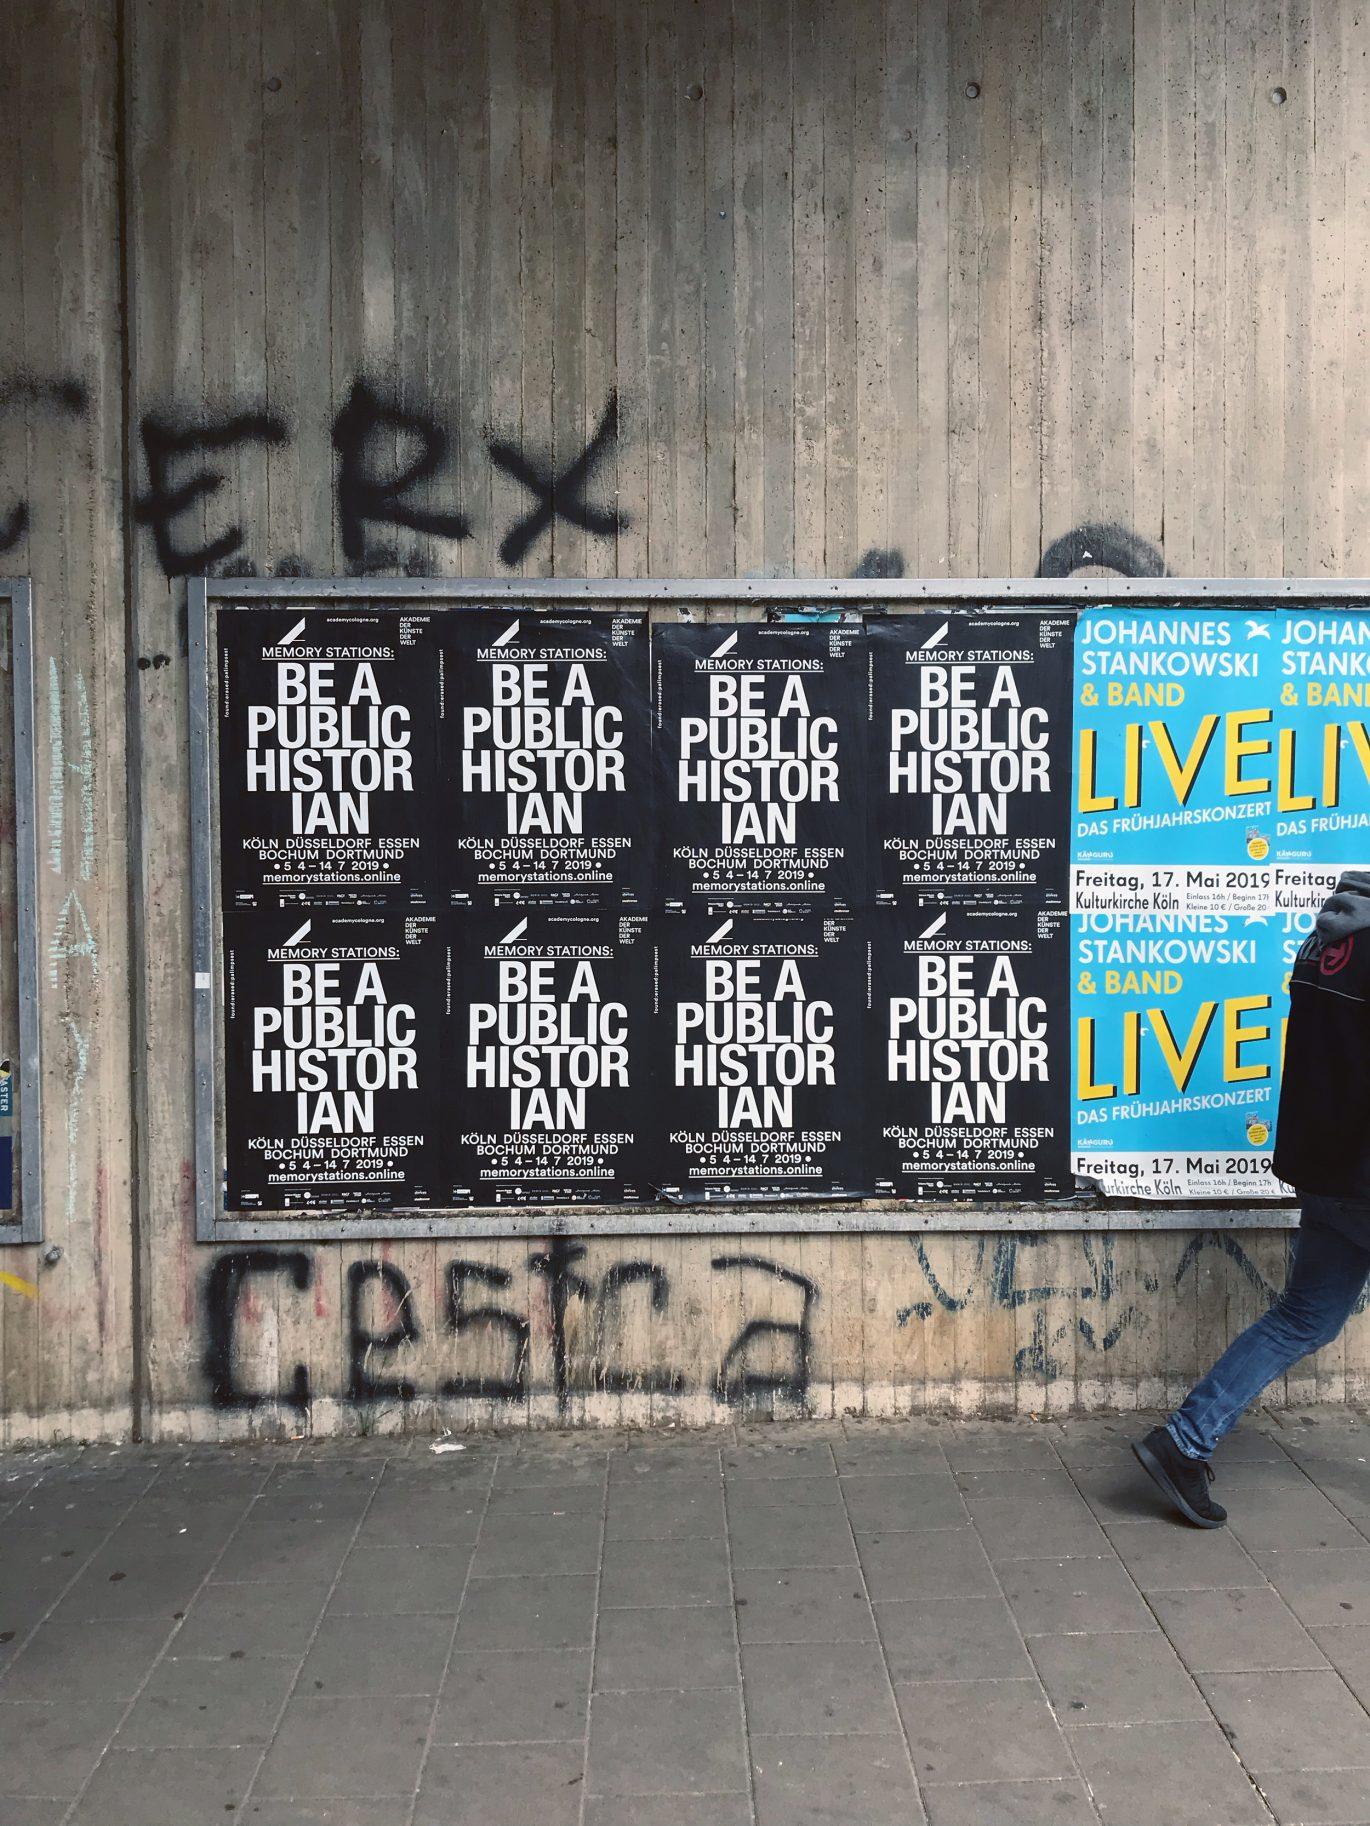 Plakat | Urban | schwarz weiß | Typografie Poster | Ehrenfeld